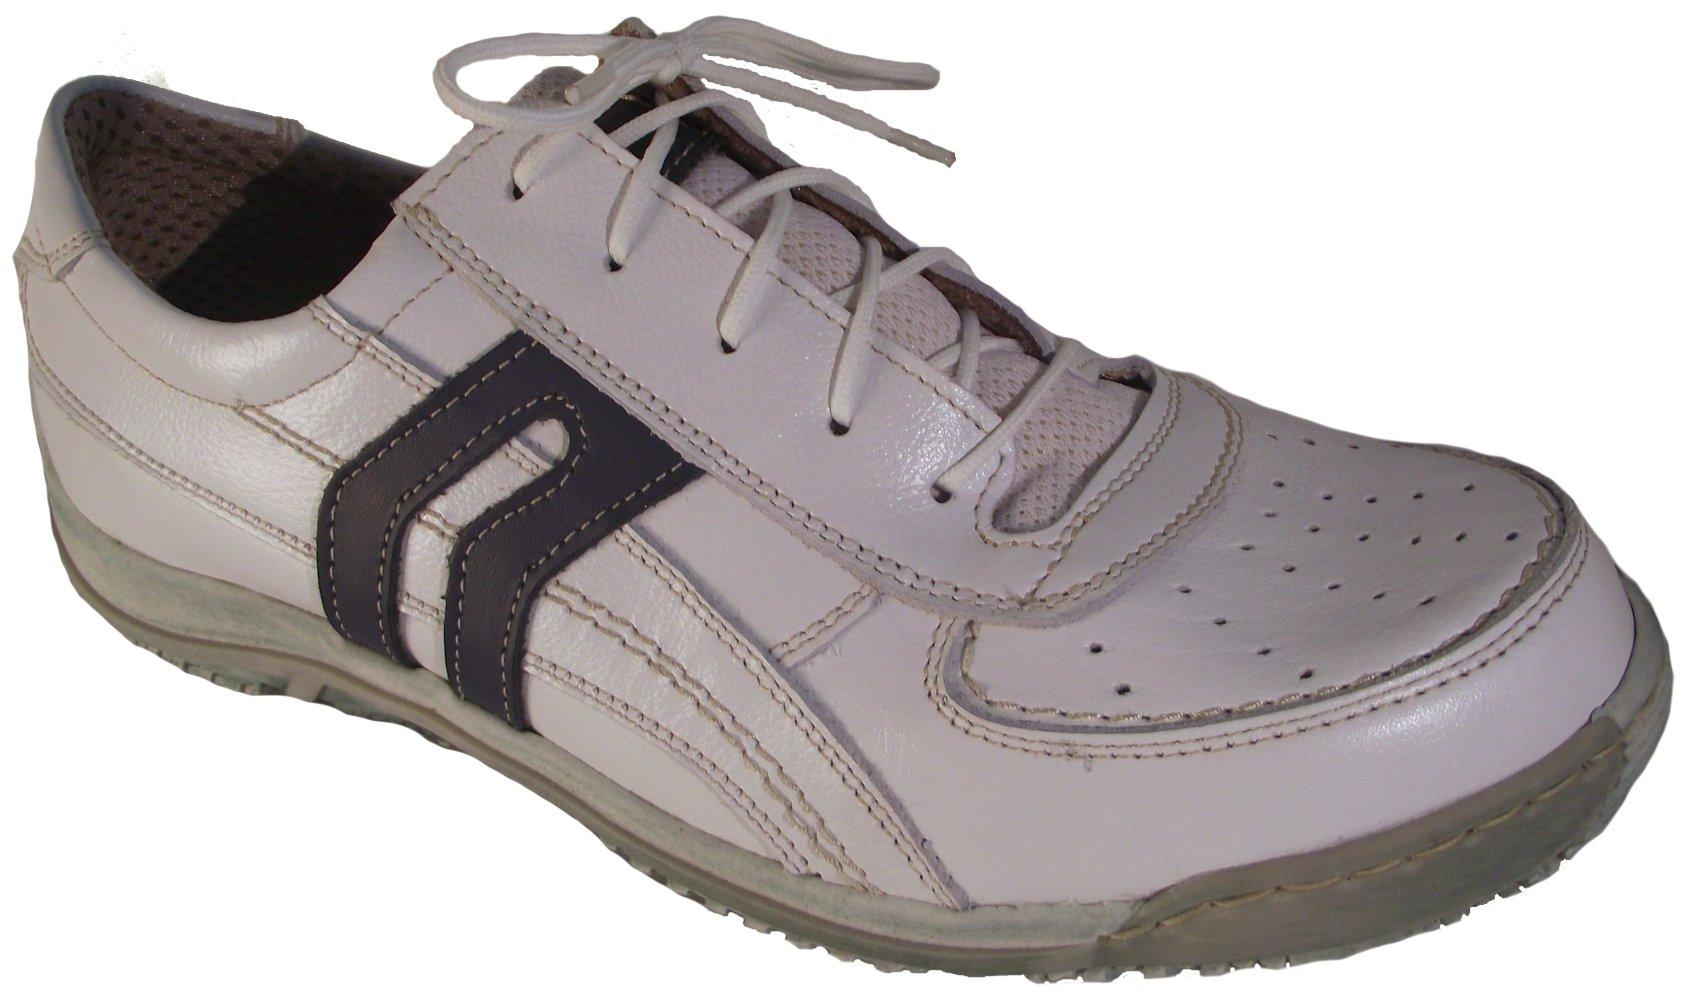 Pánská vycházková obuv NES 10291 Velikost: 41 (EU)